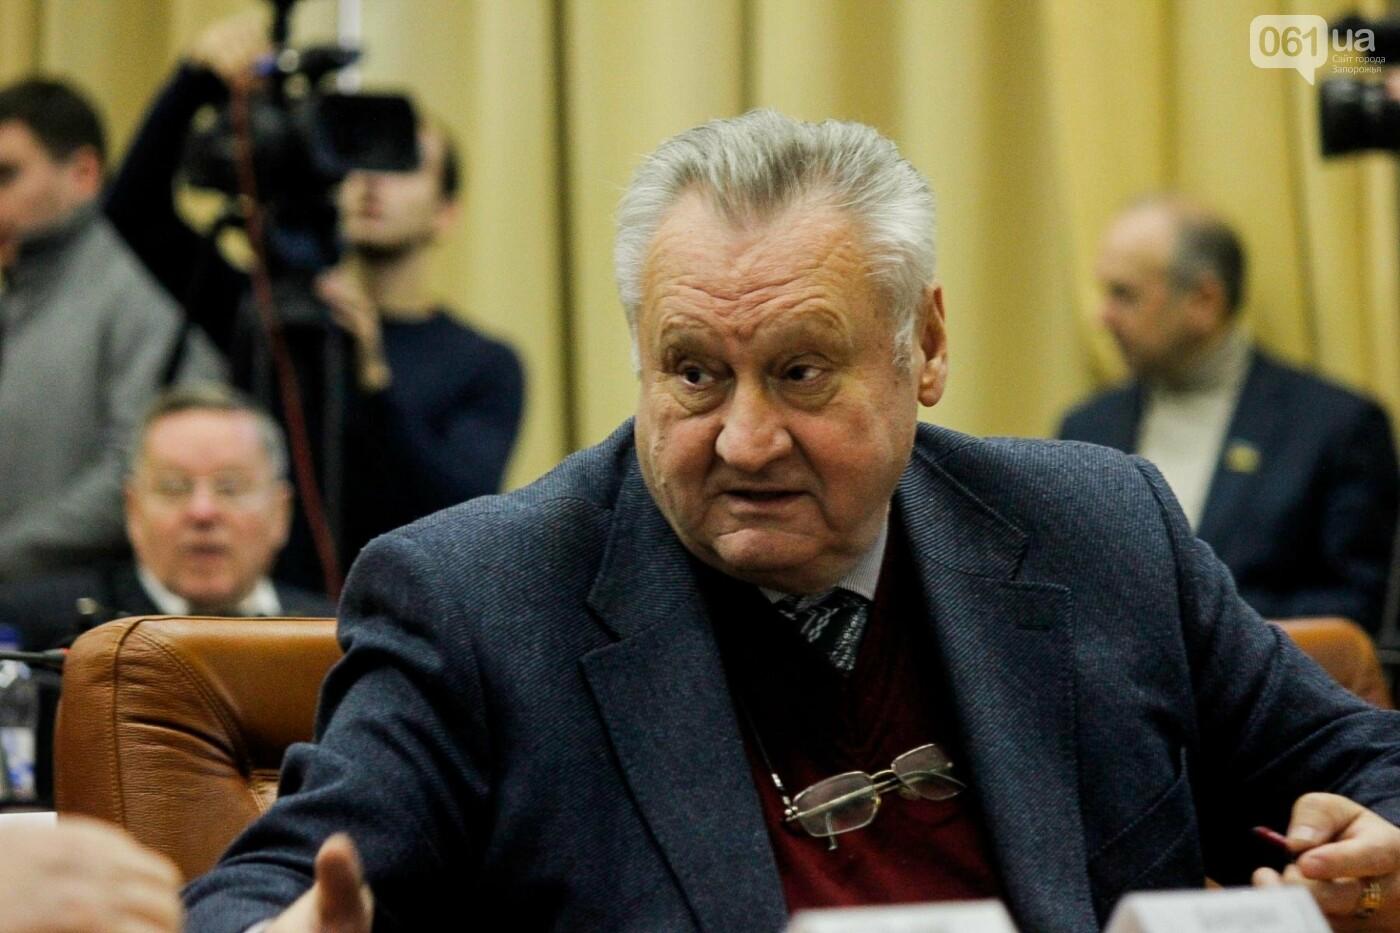 Сессия запорожского горсовета в 55 фотографиях, - ФОТОРЕПОРТАЖ, фото-32